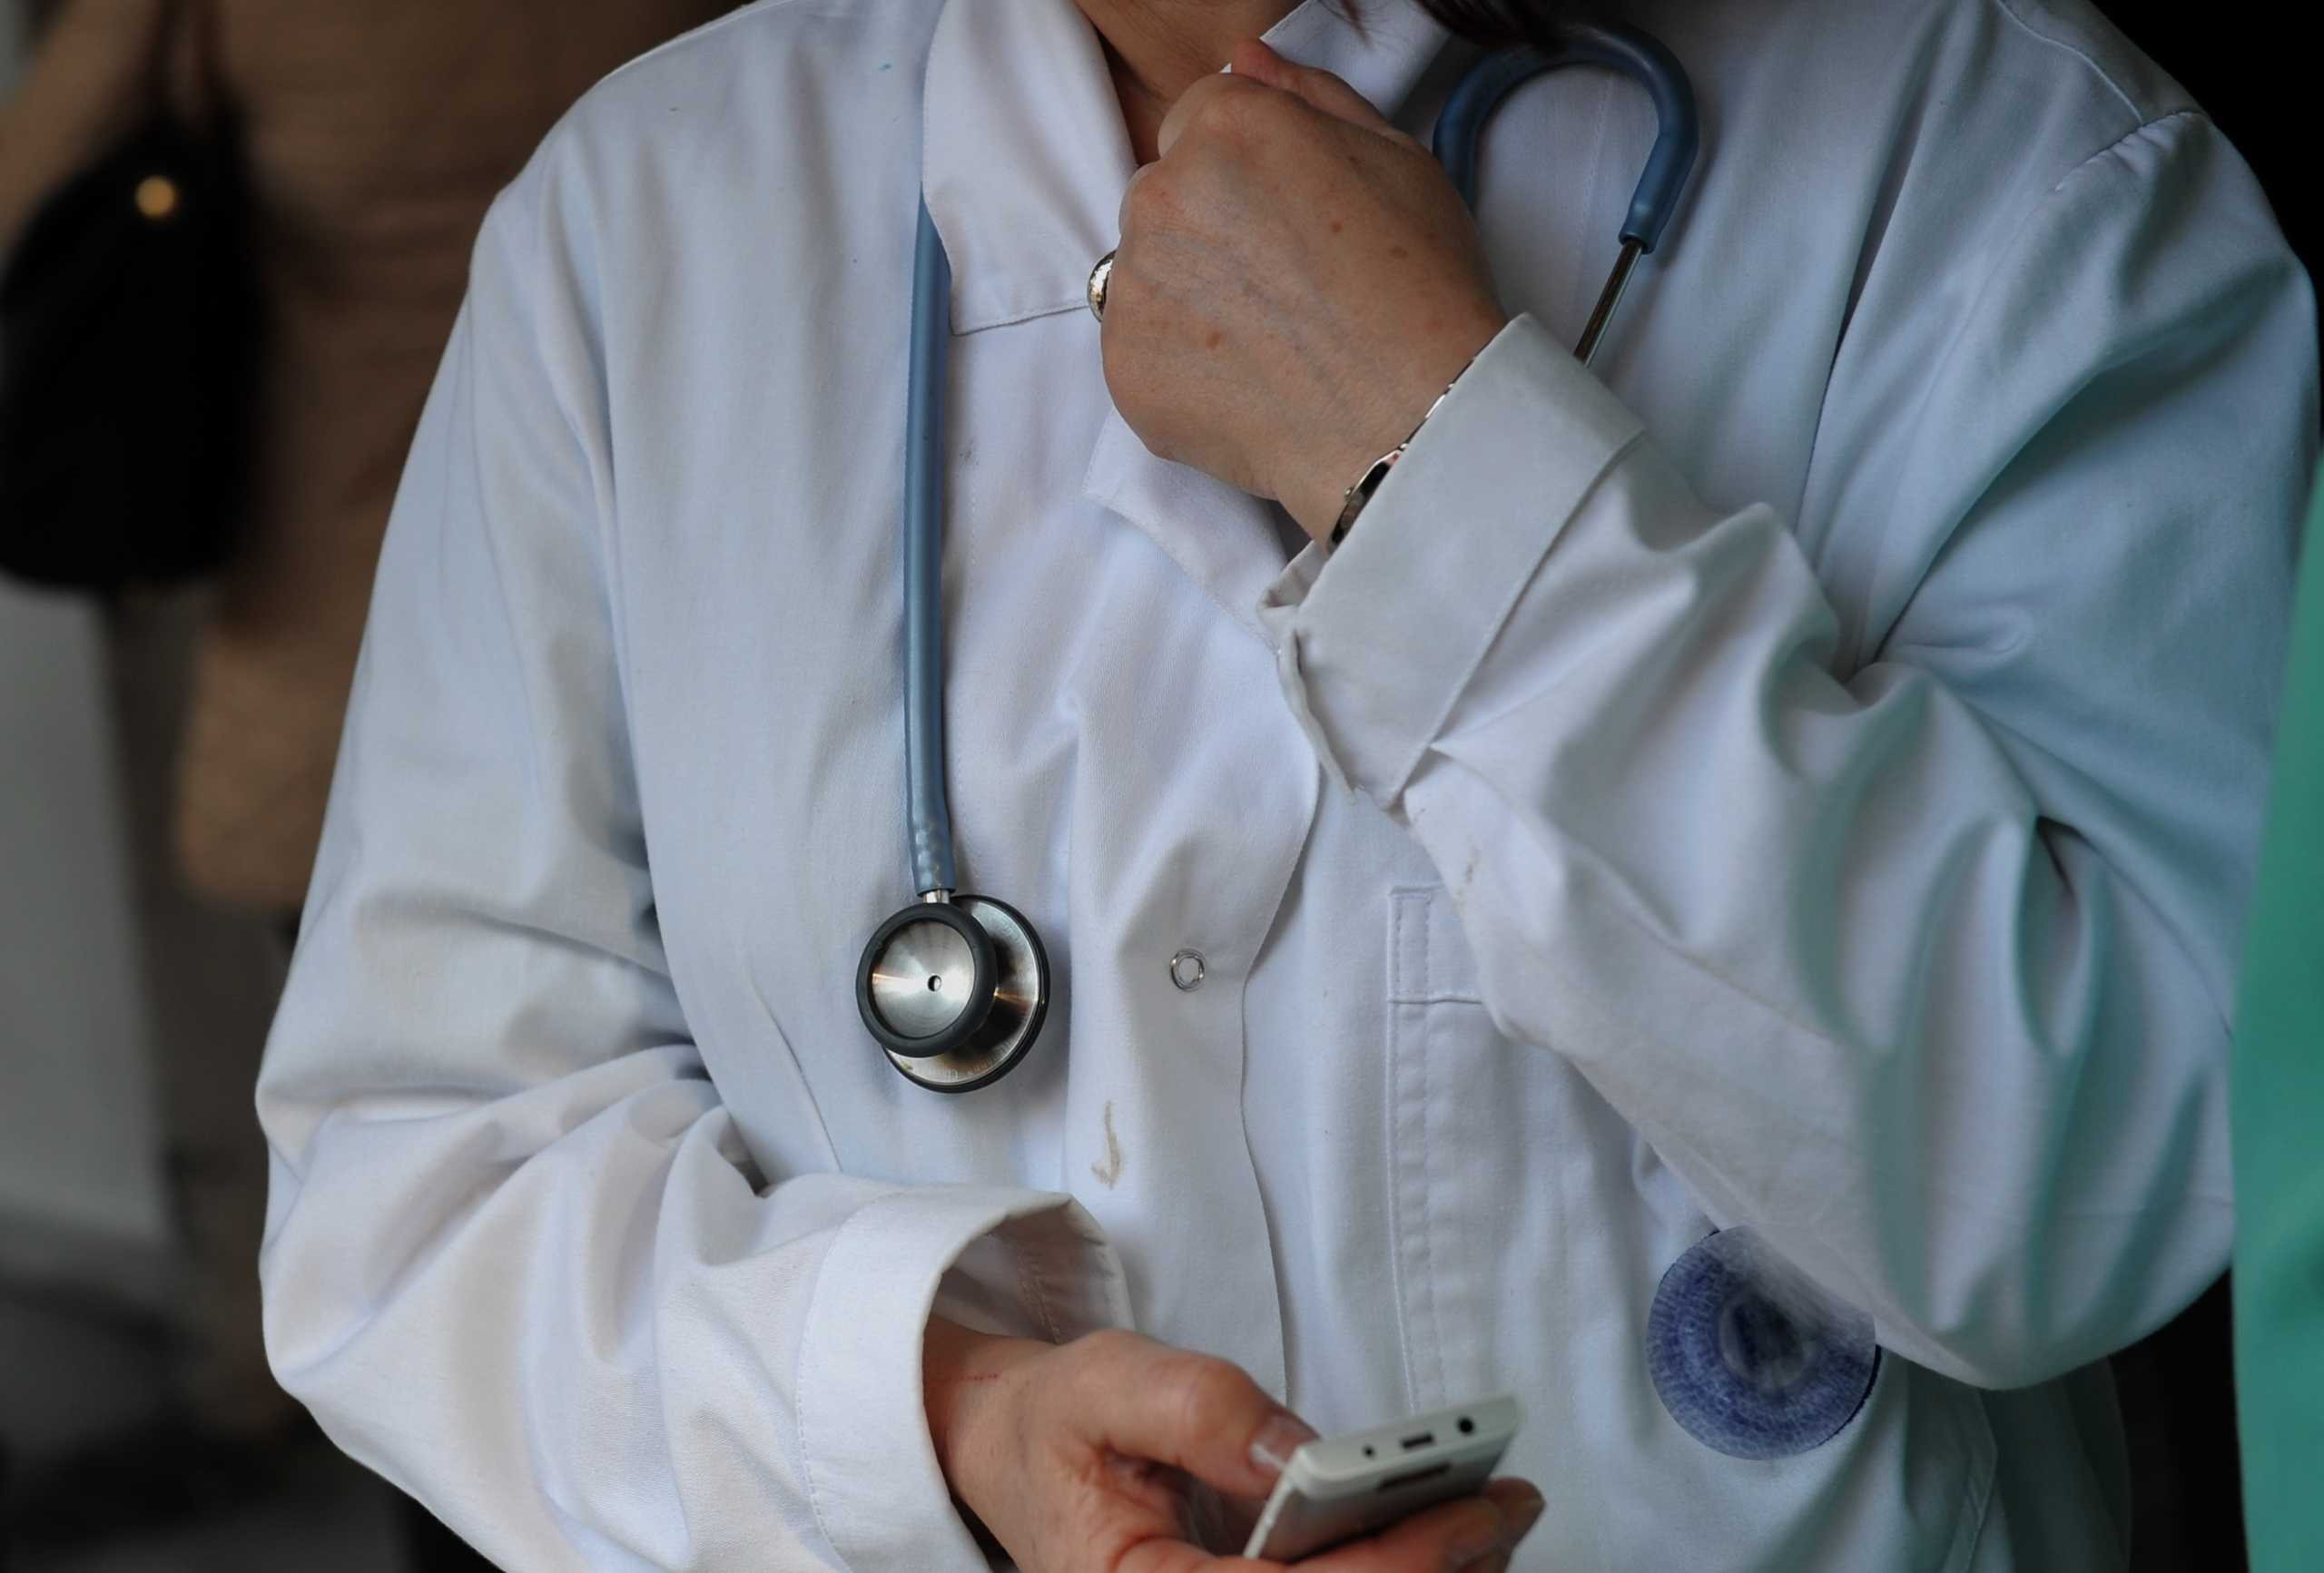 Νέα υπόθεση με μαϊμού γιατρό! Γυναίκα έκανε την ιατροδικαστή και έπαιρνε λεφτά για φάρμακα χημειοθεραπείας!